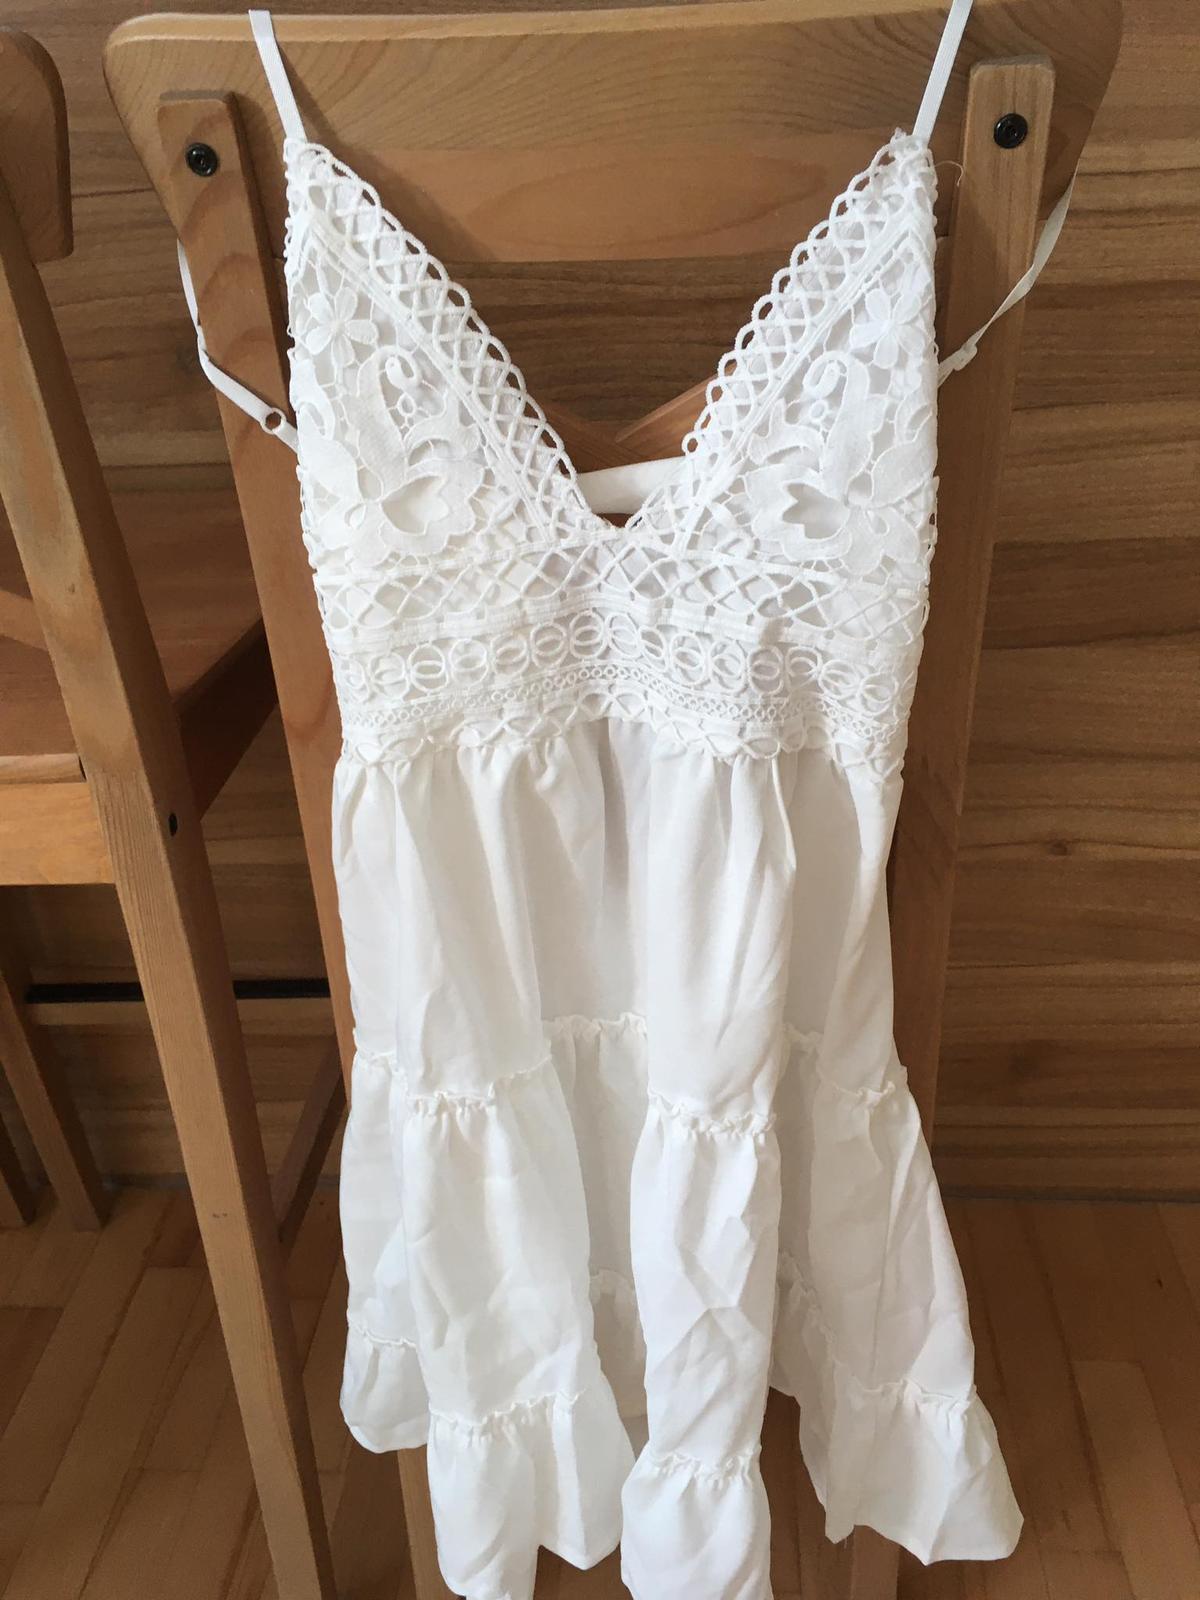 Nové dámské letní/svatební bílé šaty - Obrázek č. 1